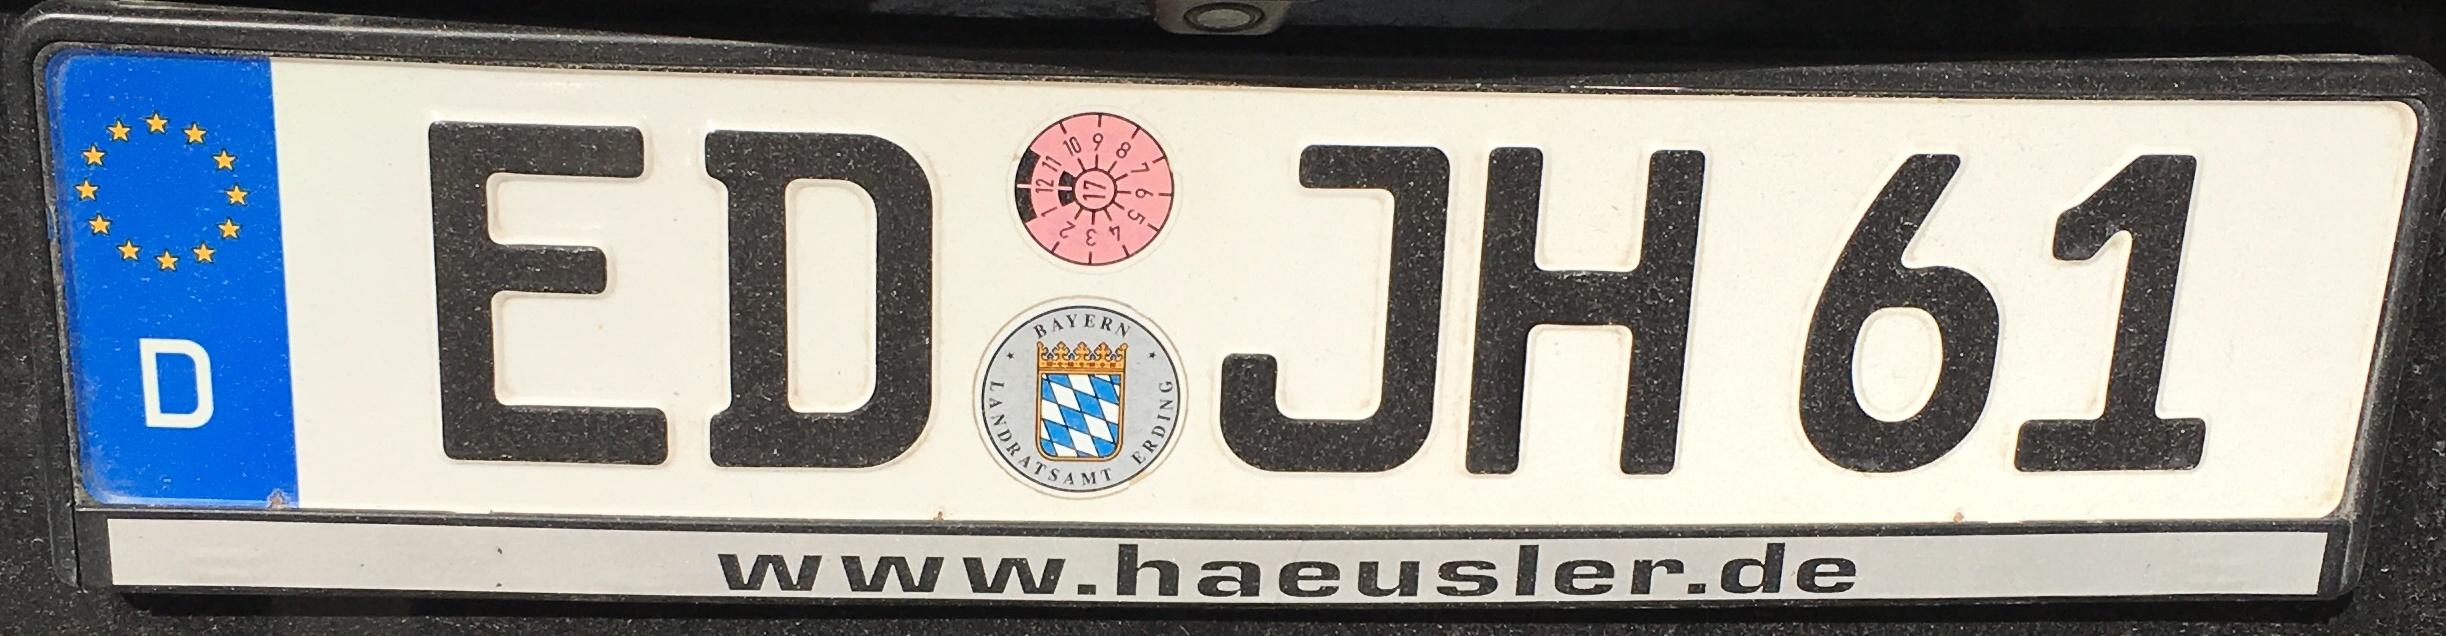 Registrační značky Německo - ED - Erding, foto vlastní